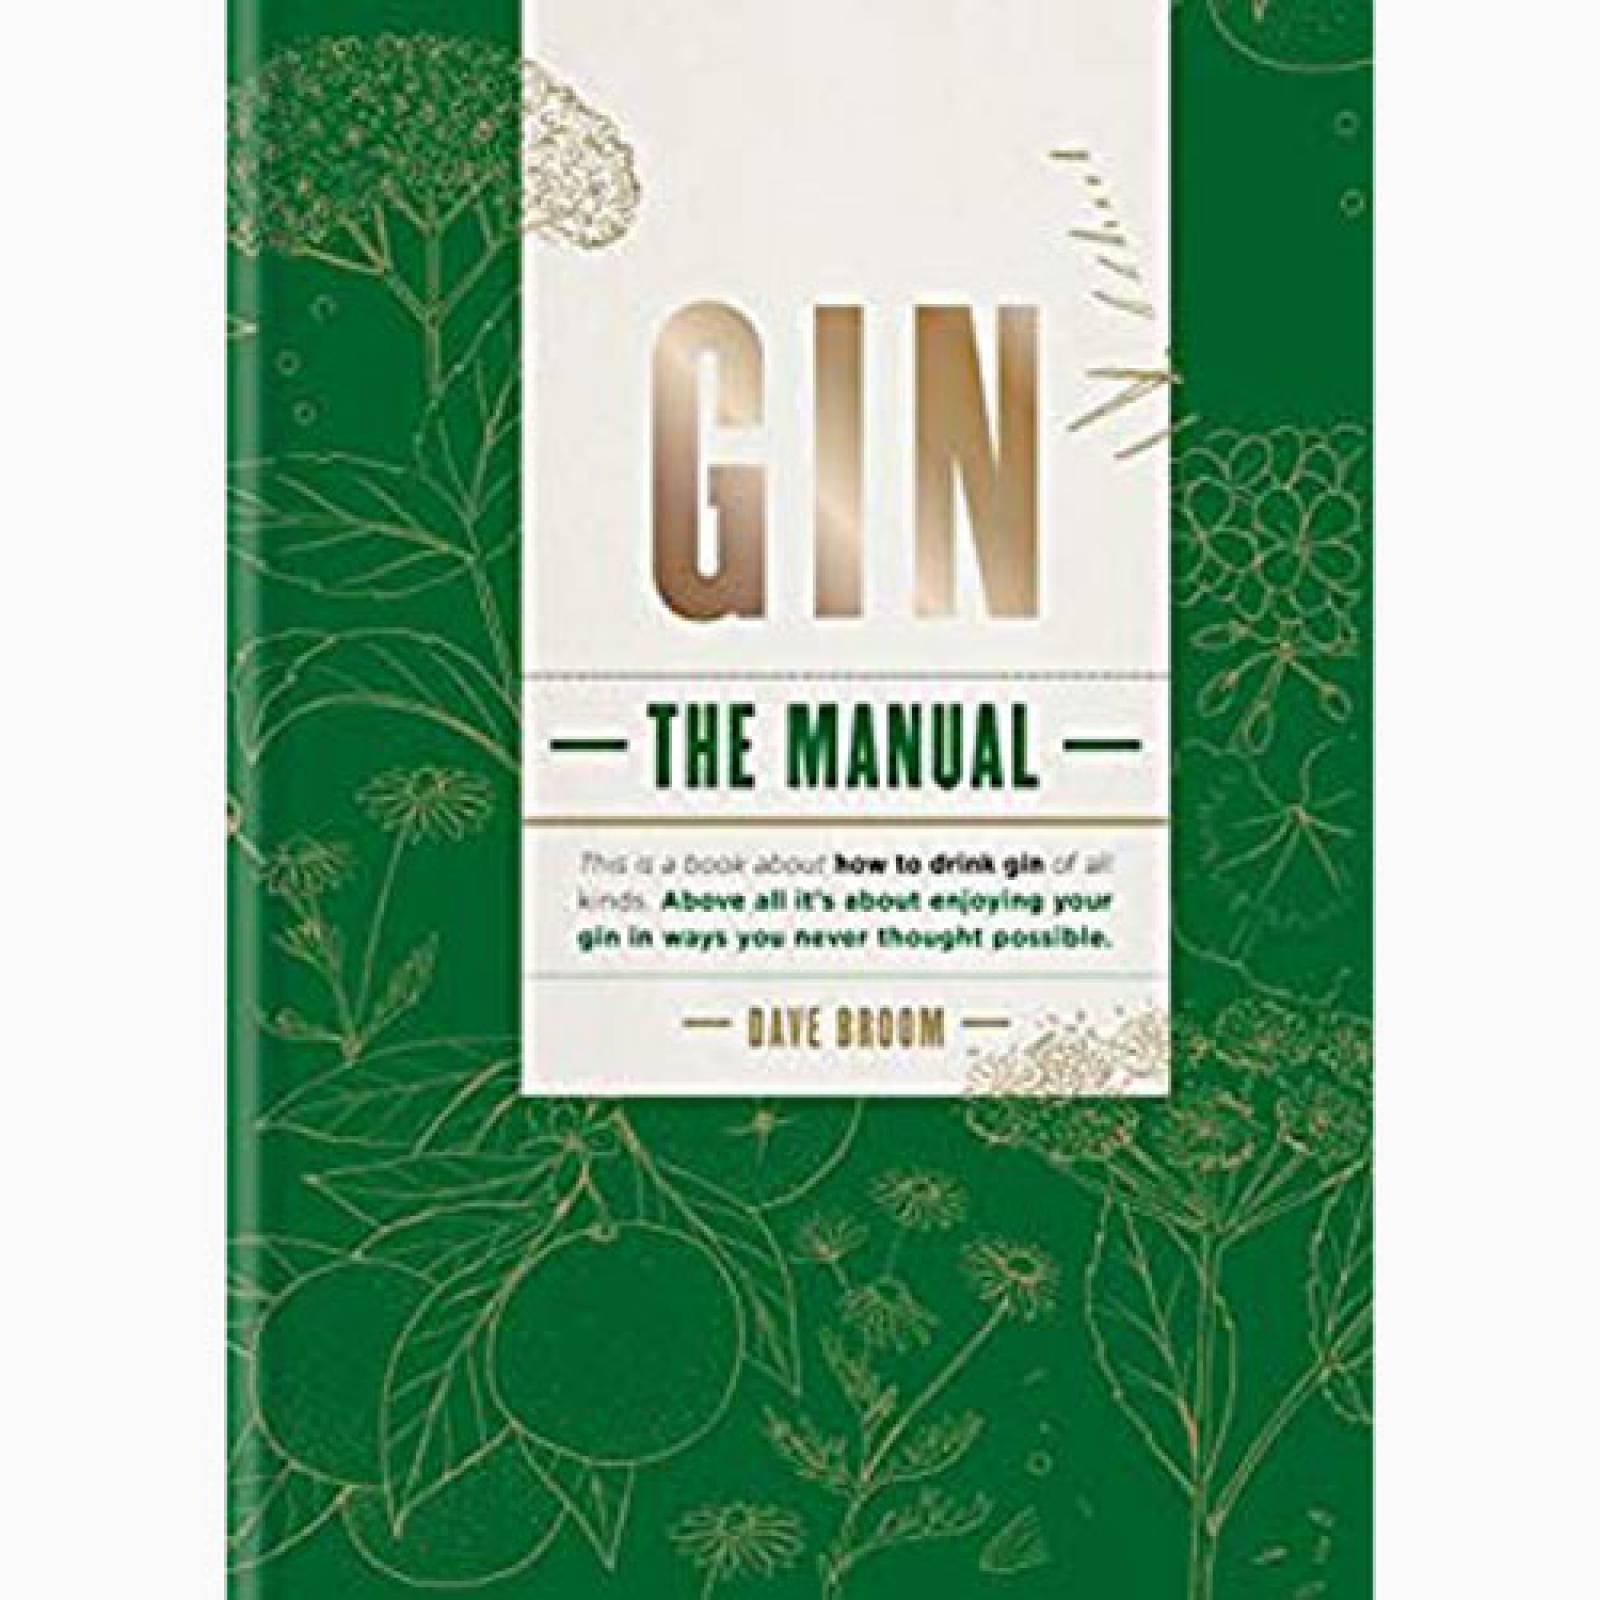 Gin: The Manual - Hardback Book